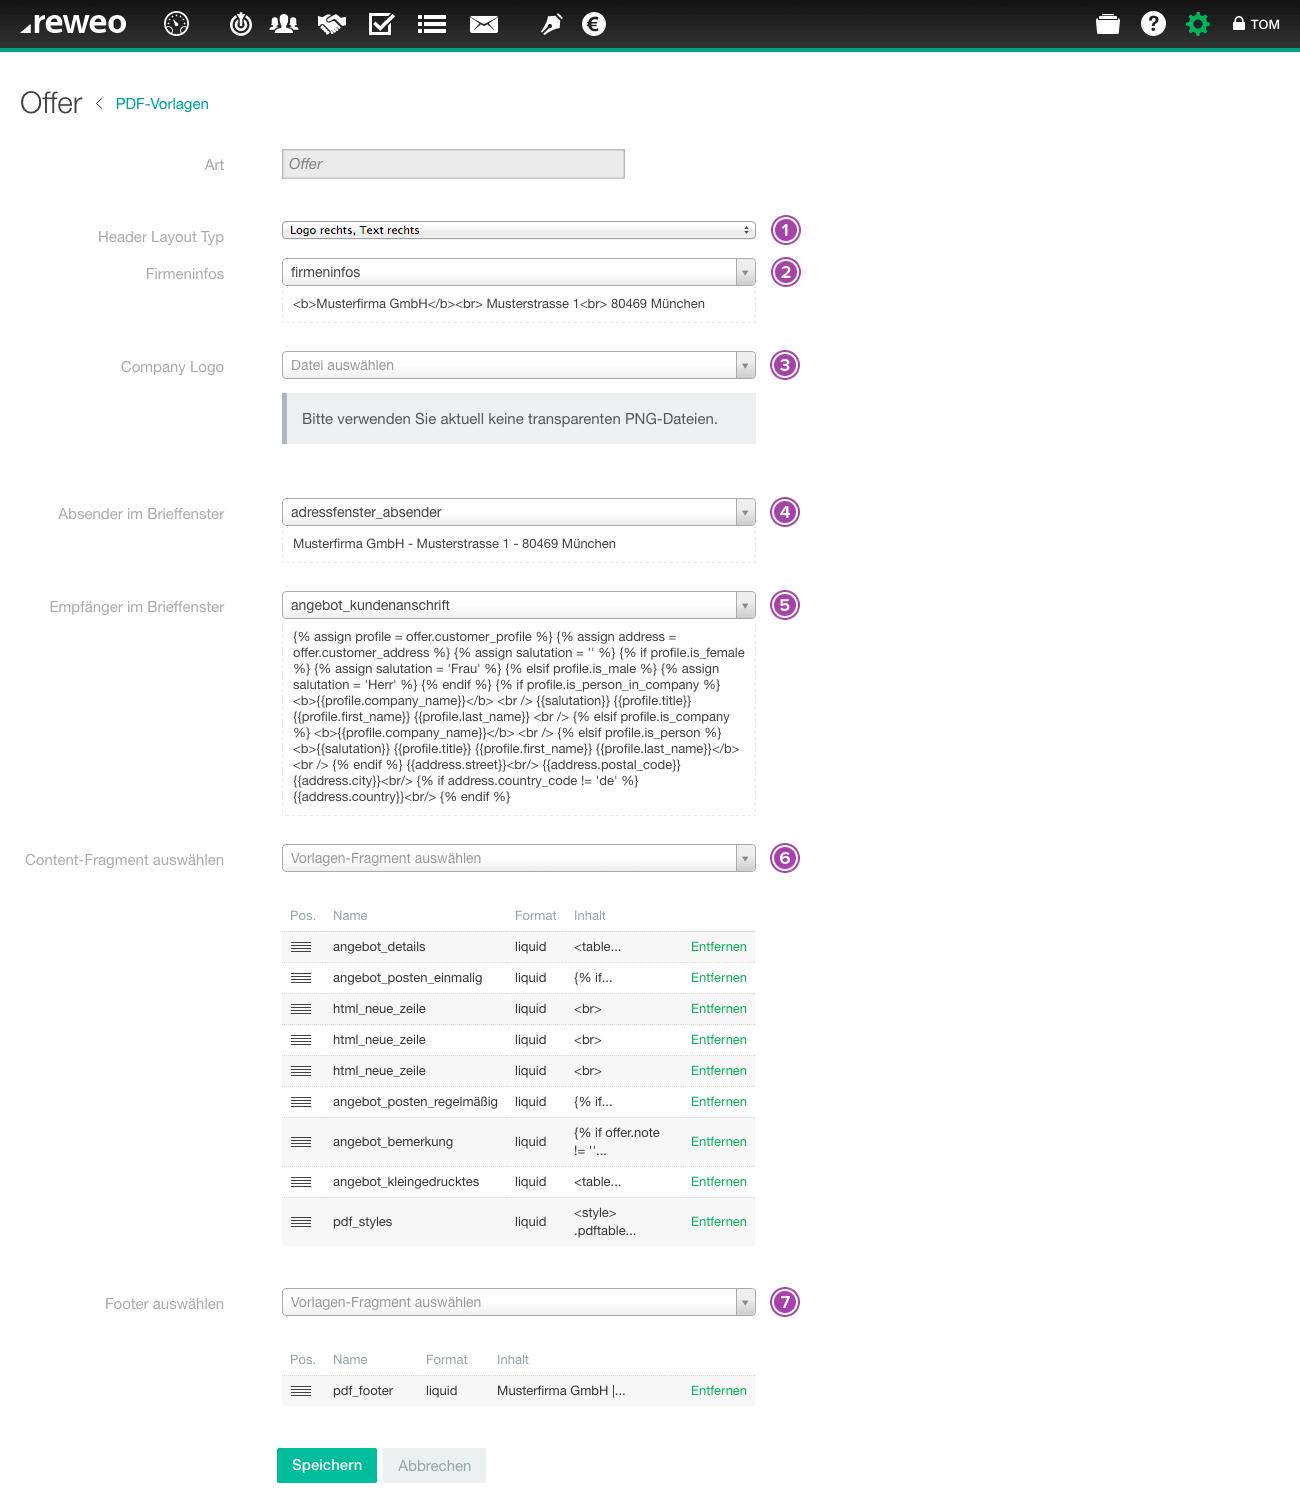 Angebots-PDF-Vorlage